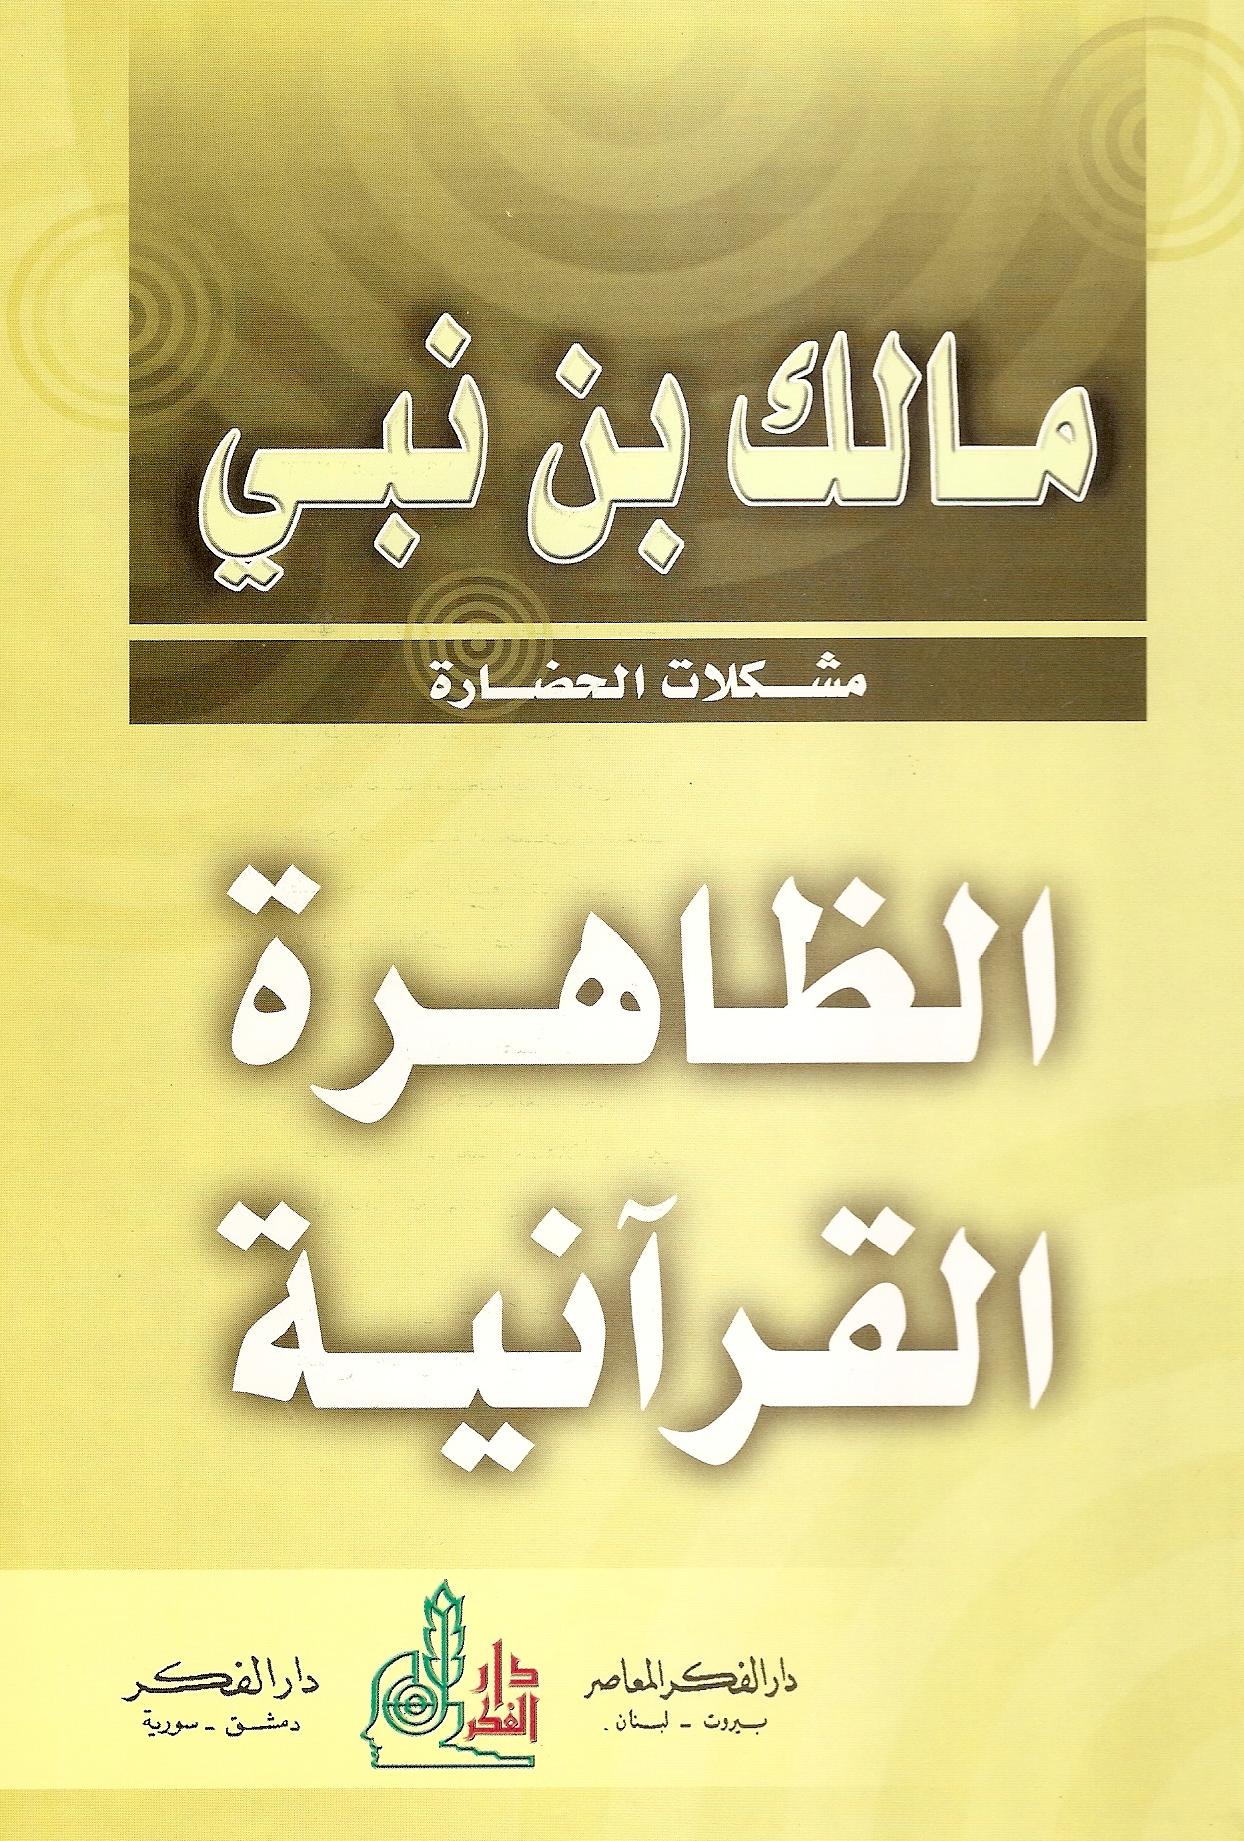 تحميل كتاب الظاهرة القرآنية لـِ: الأستاذ مالك بن الحاج عمر بن الخضر بن نبي (ت 1393)